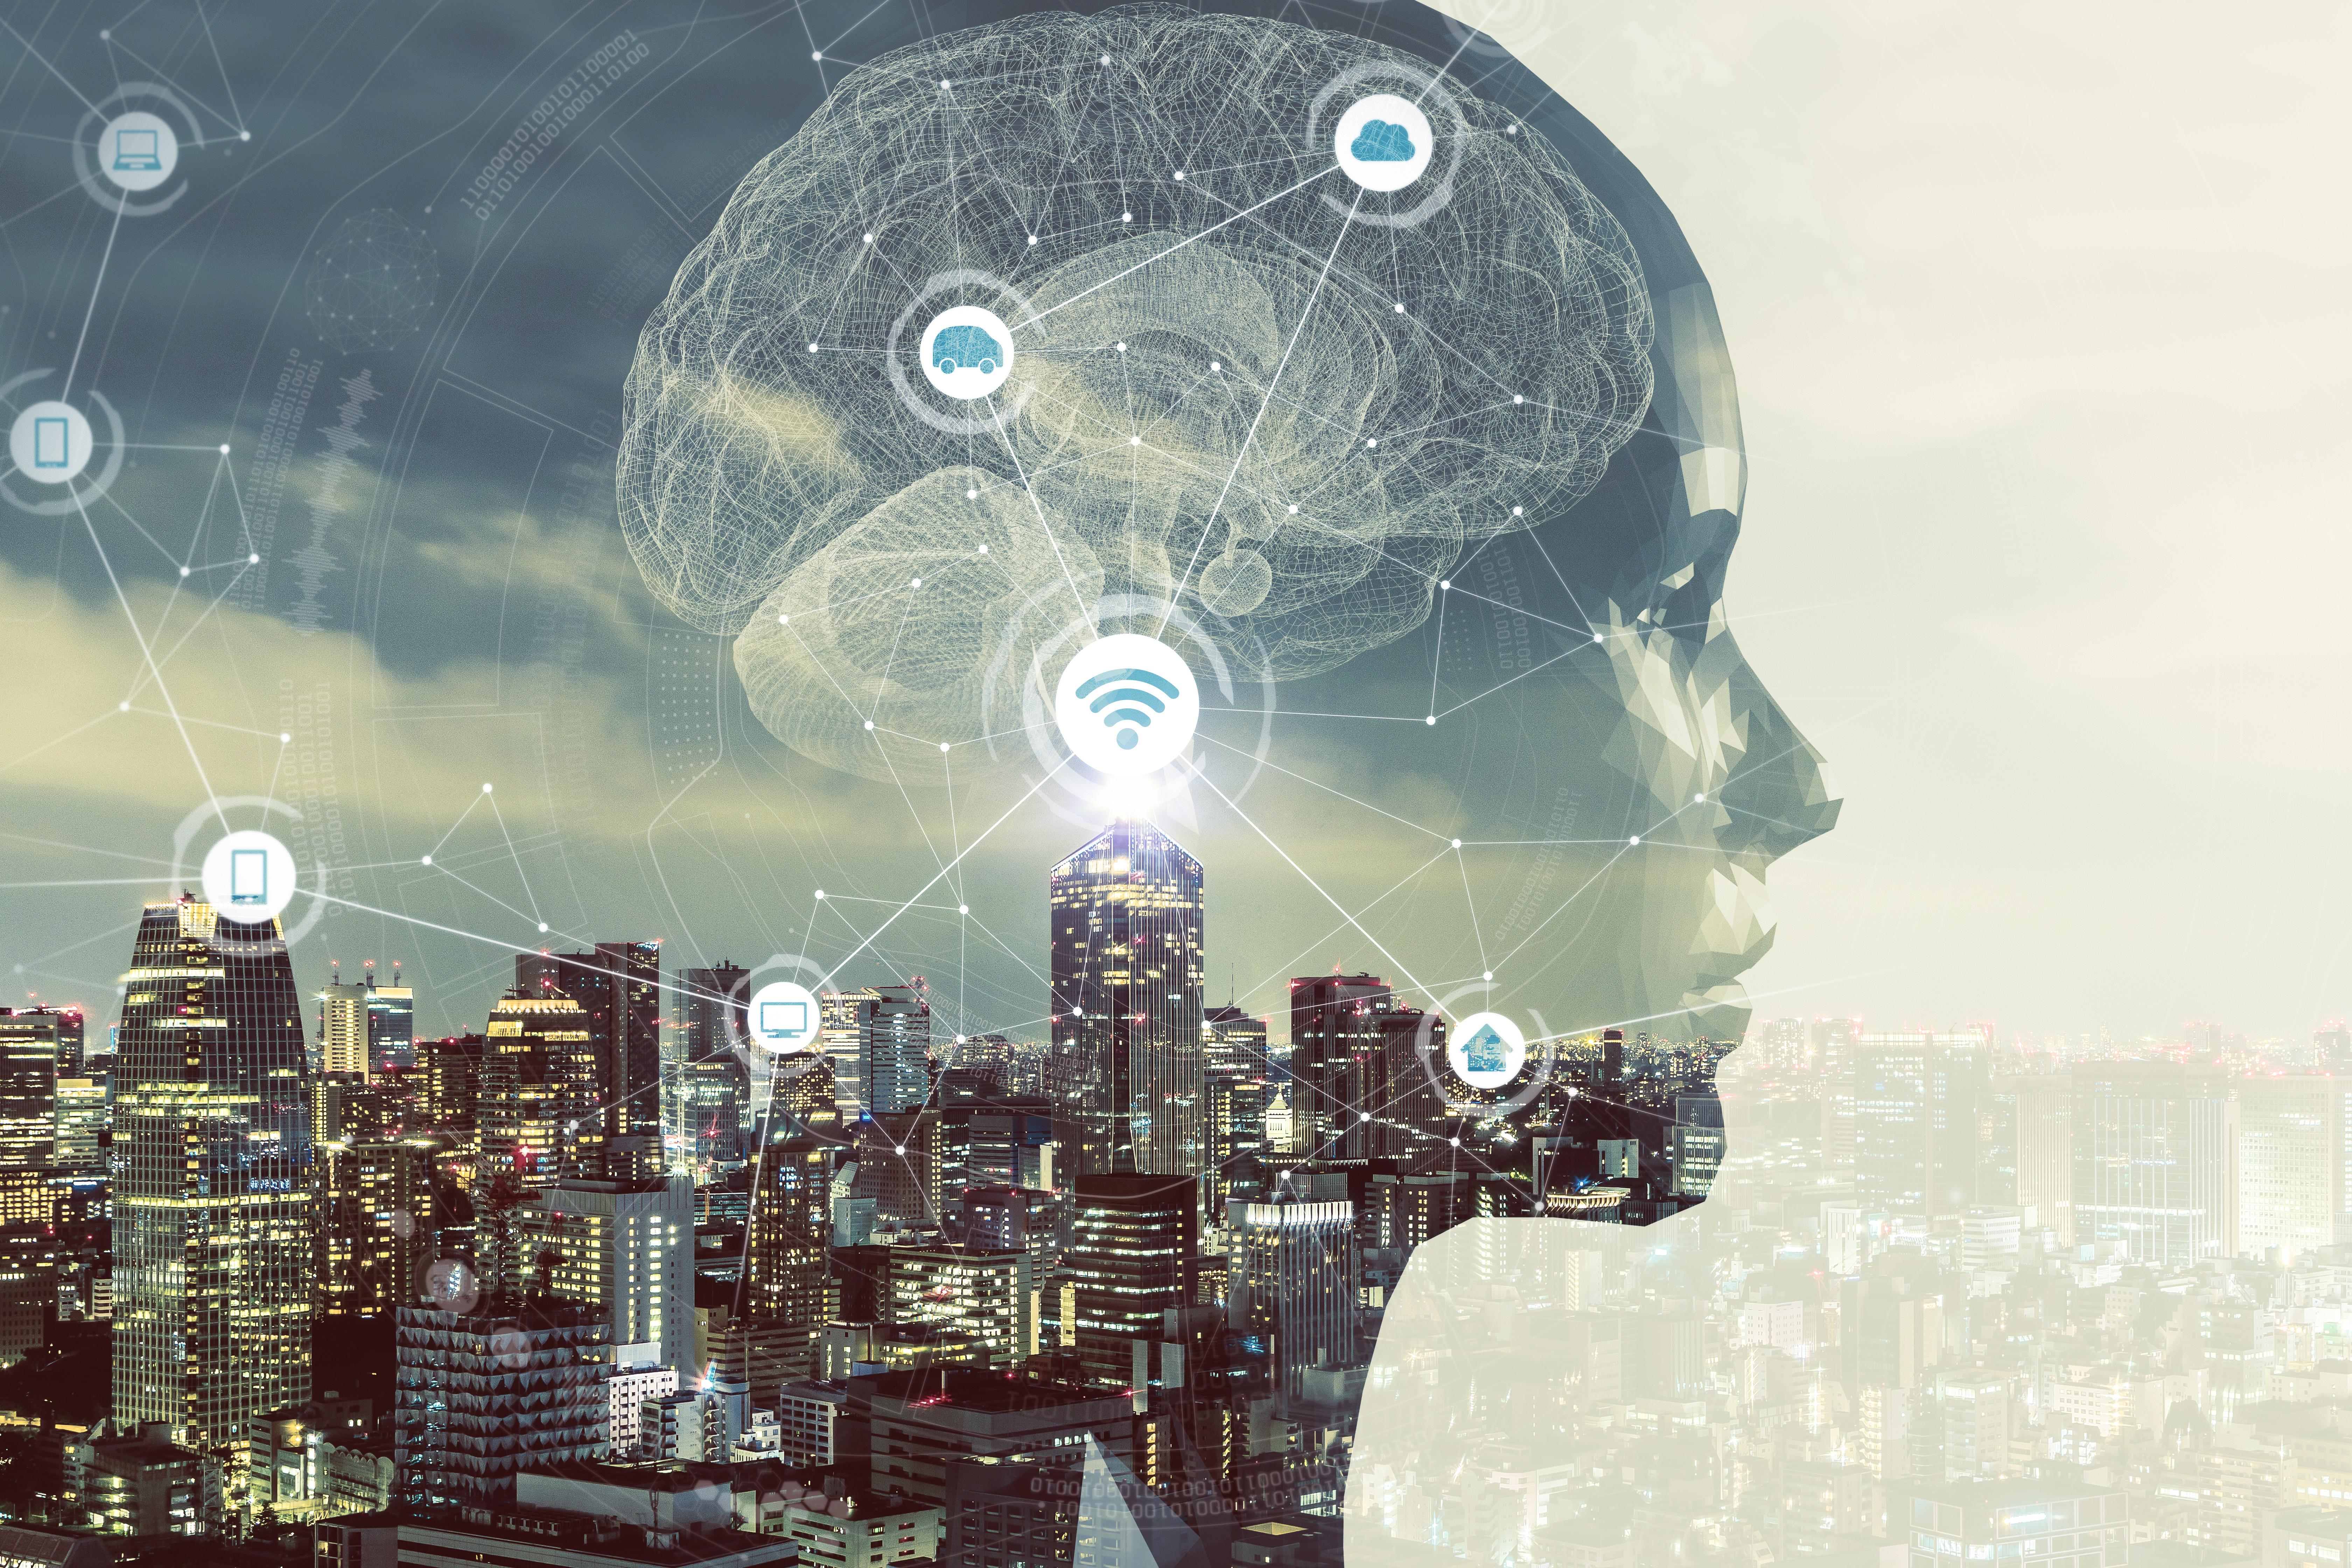 ¿Qué ventajas ofrece la IA o Inteligencia Artificial?